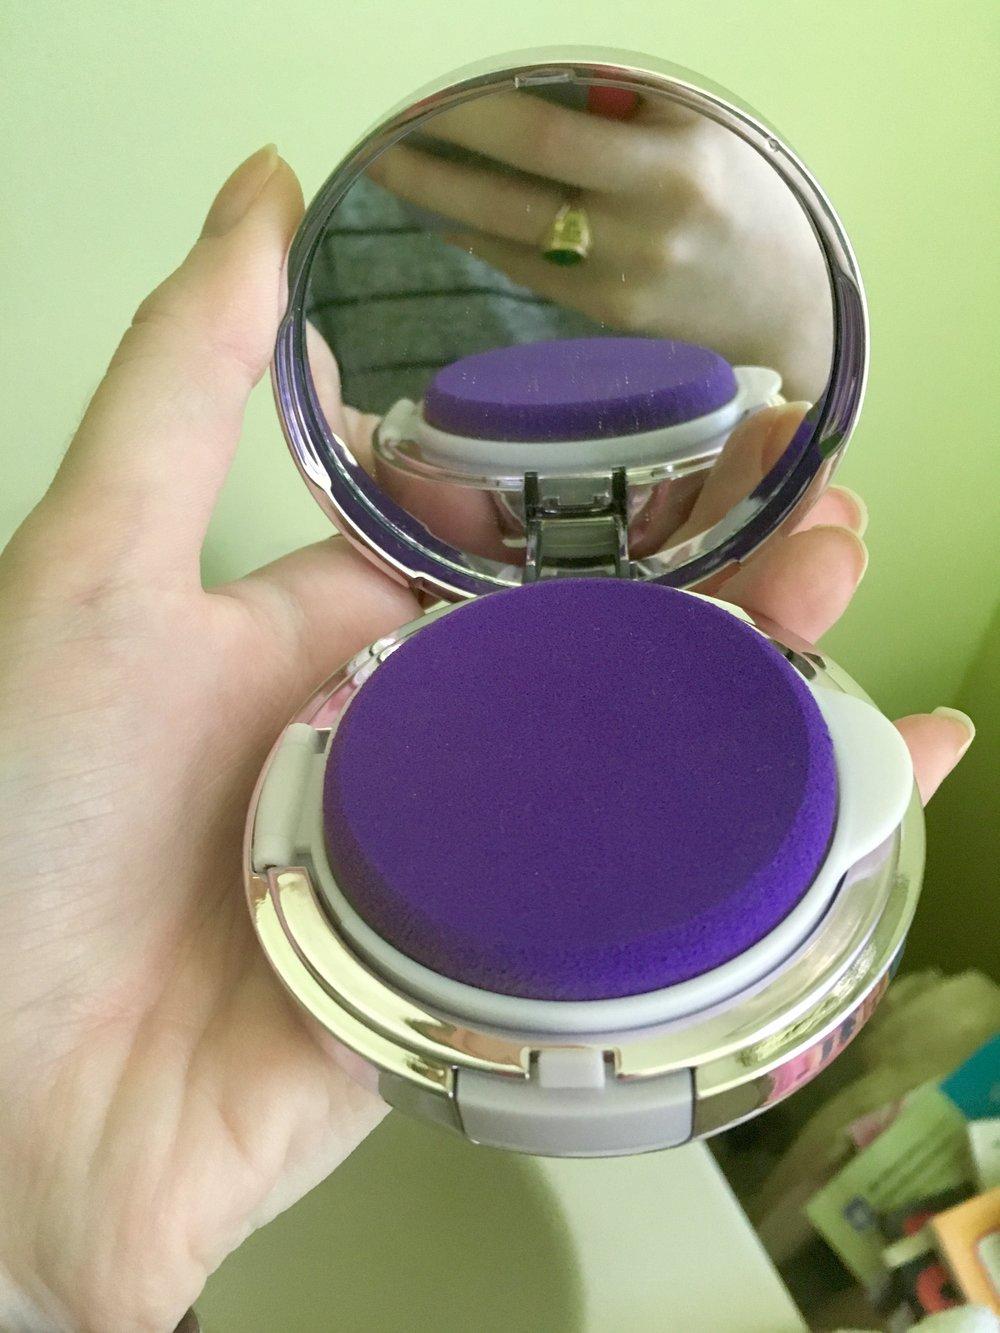 #purpleisaneutral